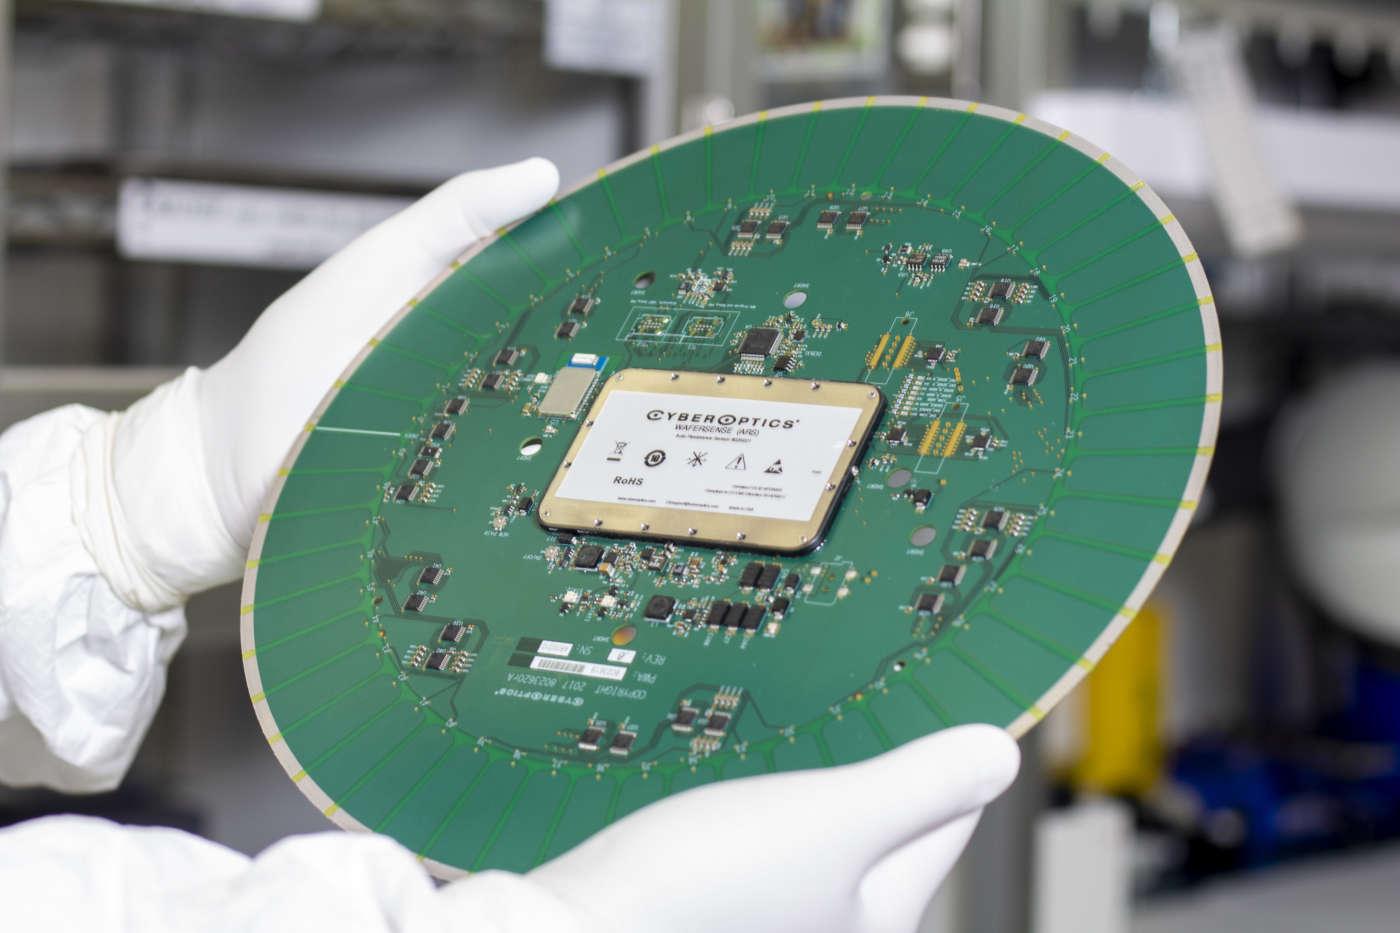 ARS-1 CyberOptics